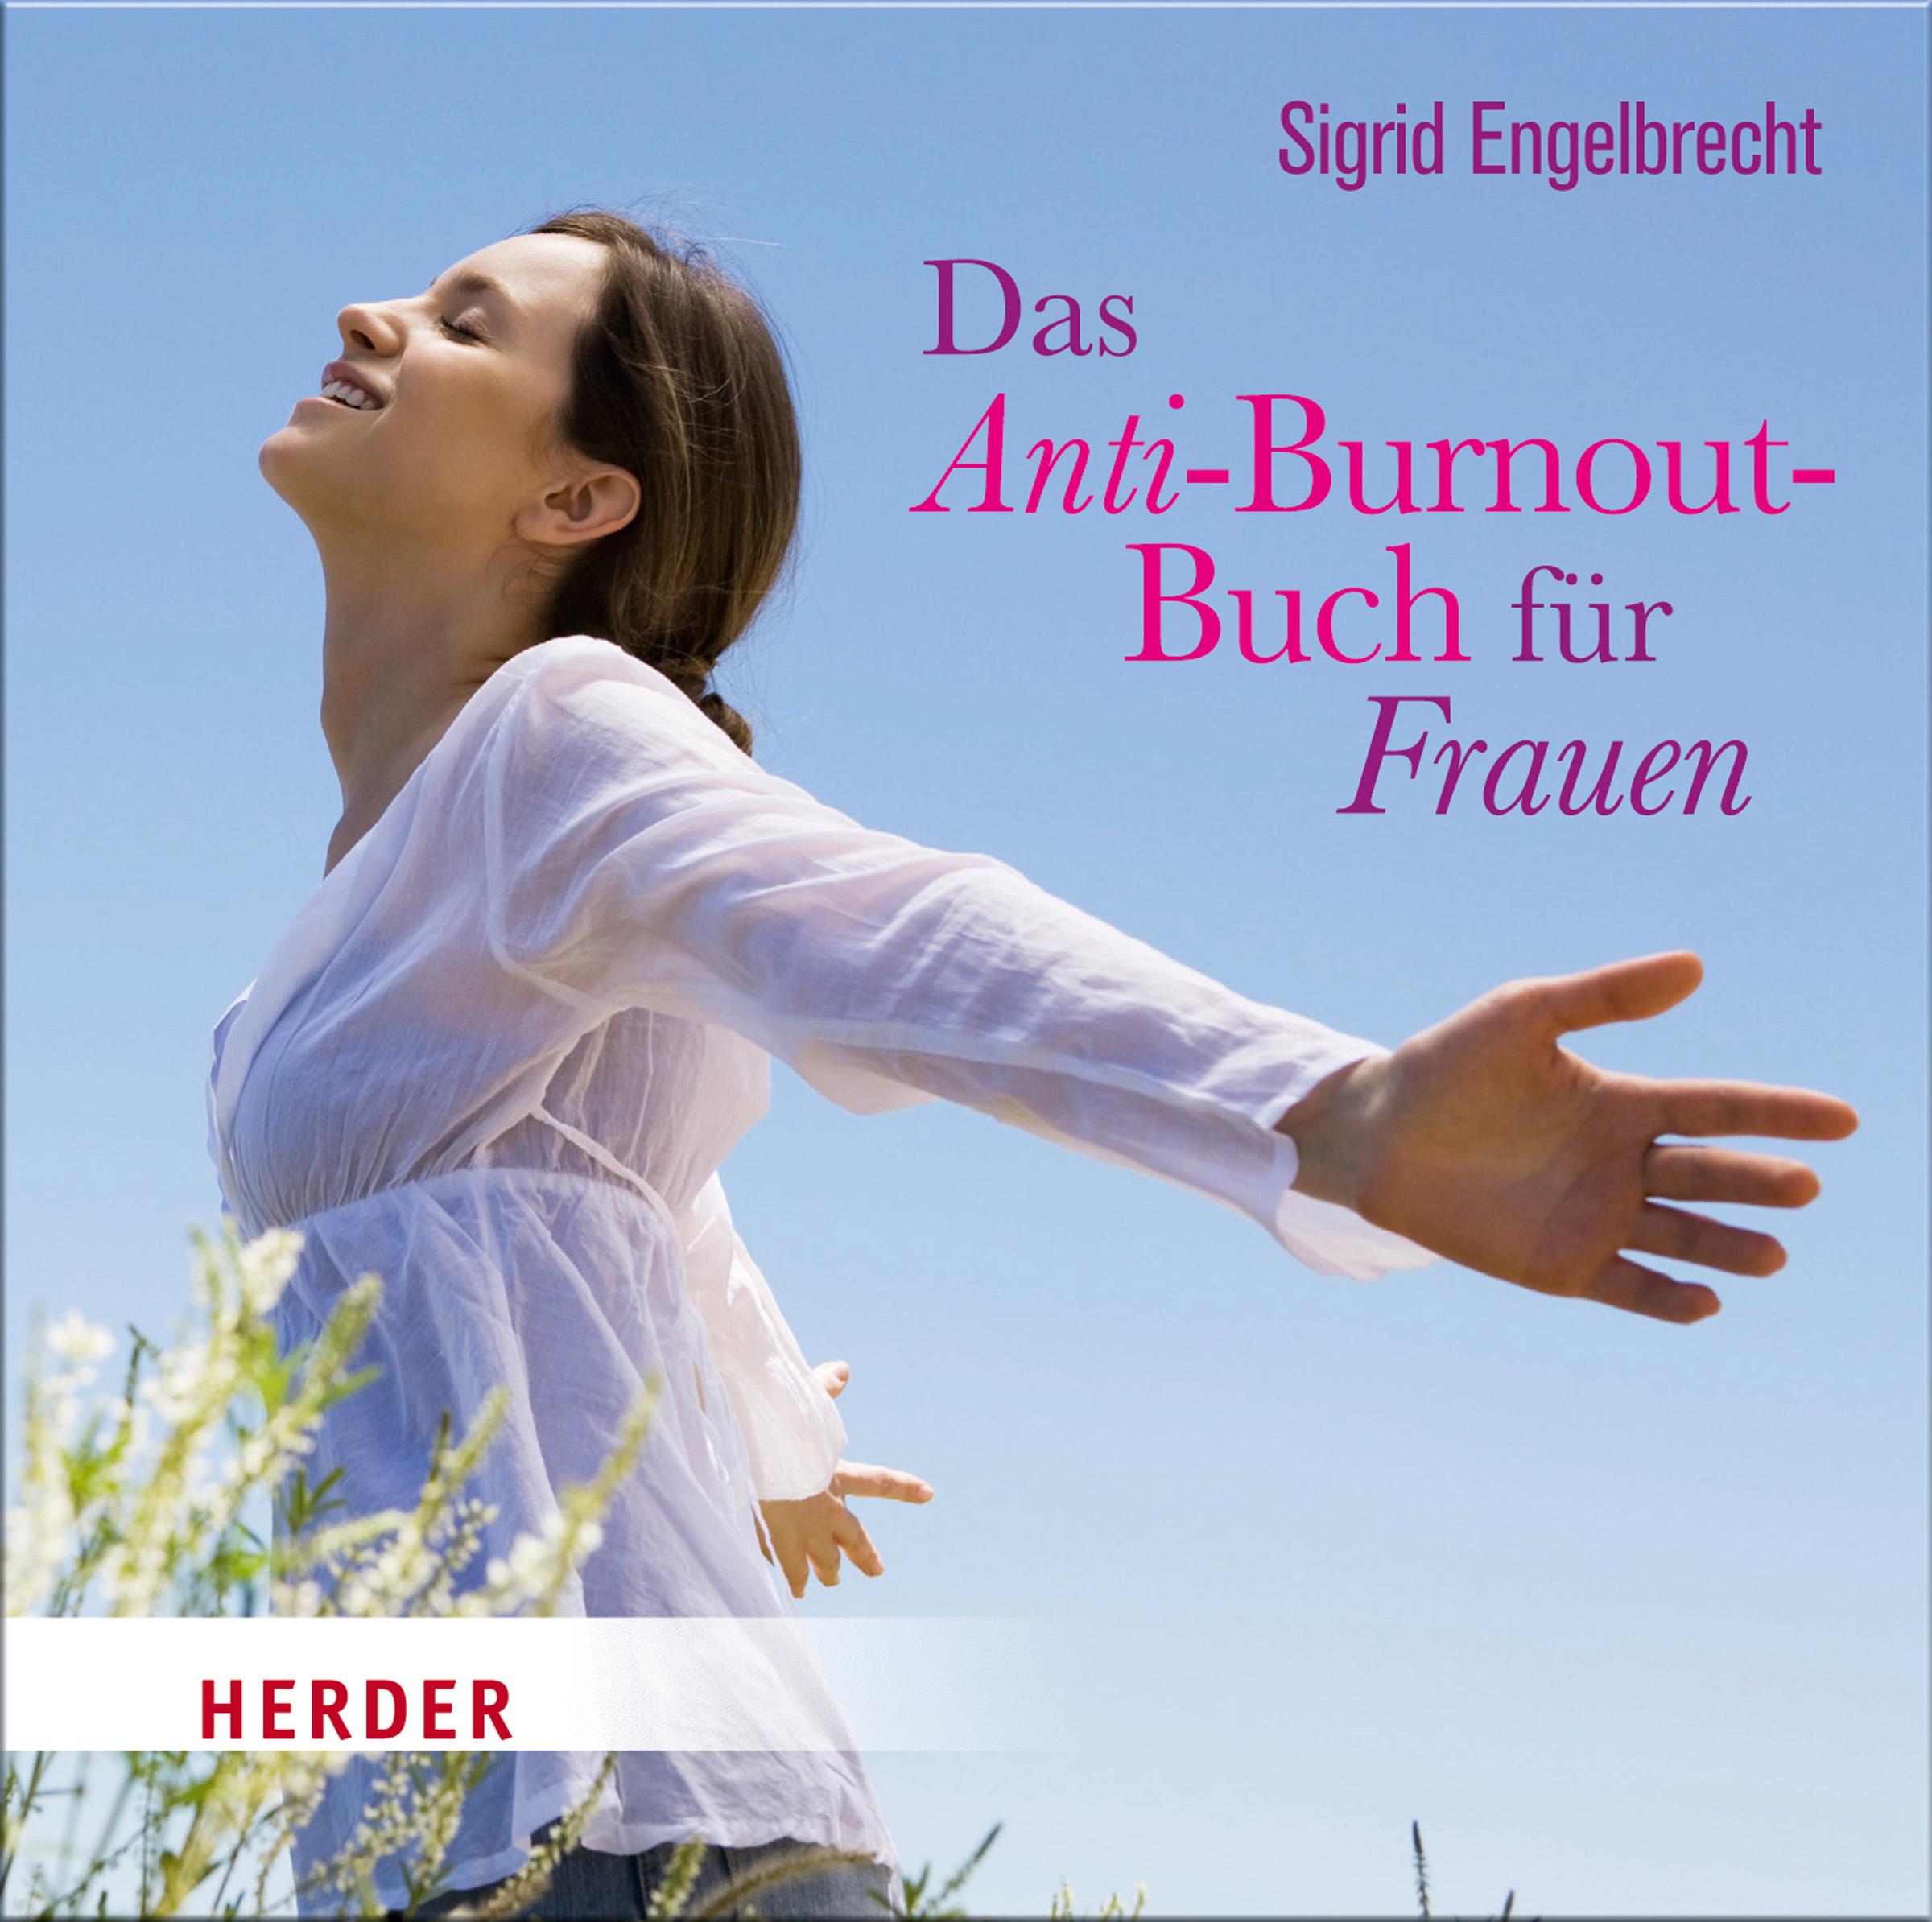 Das Anti-Burnout-Buch für Frauen Sigrid Engelbrecht